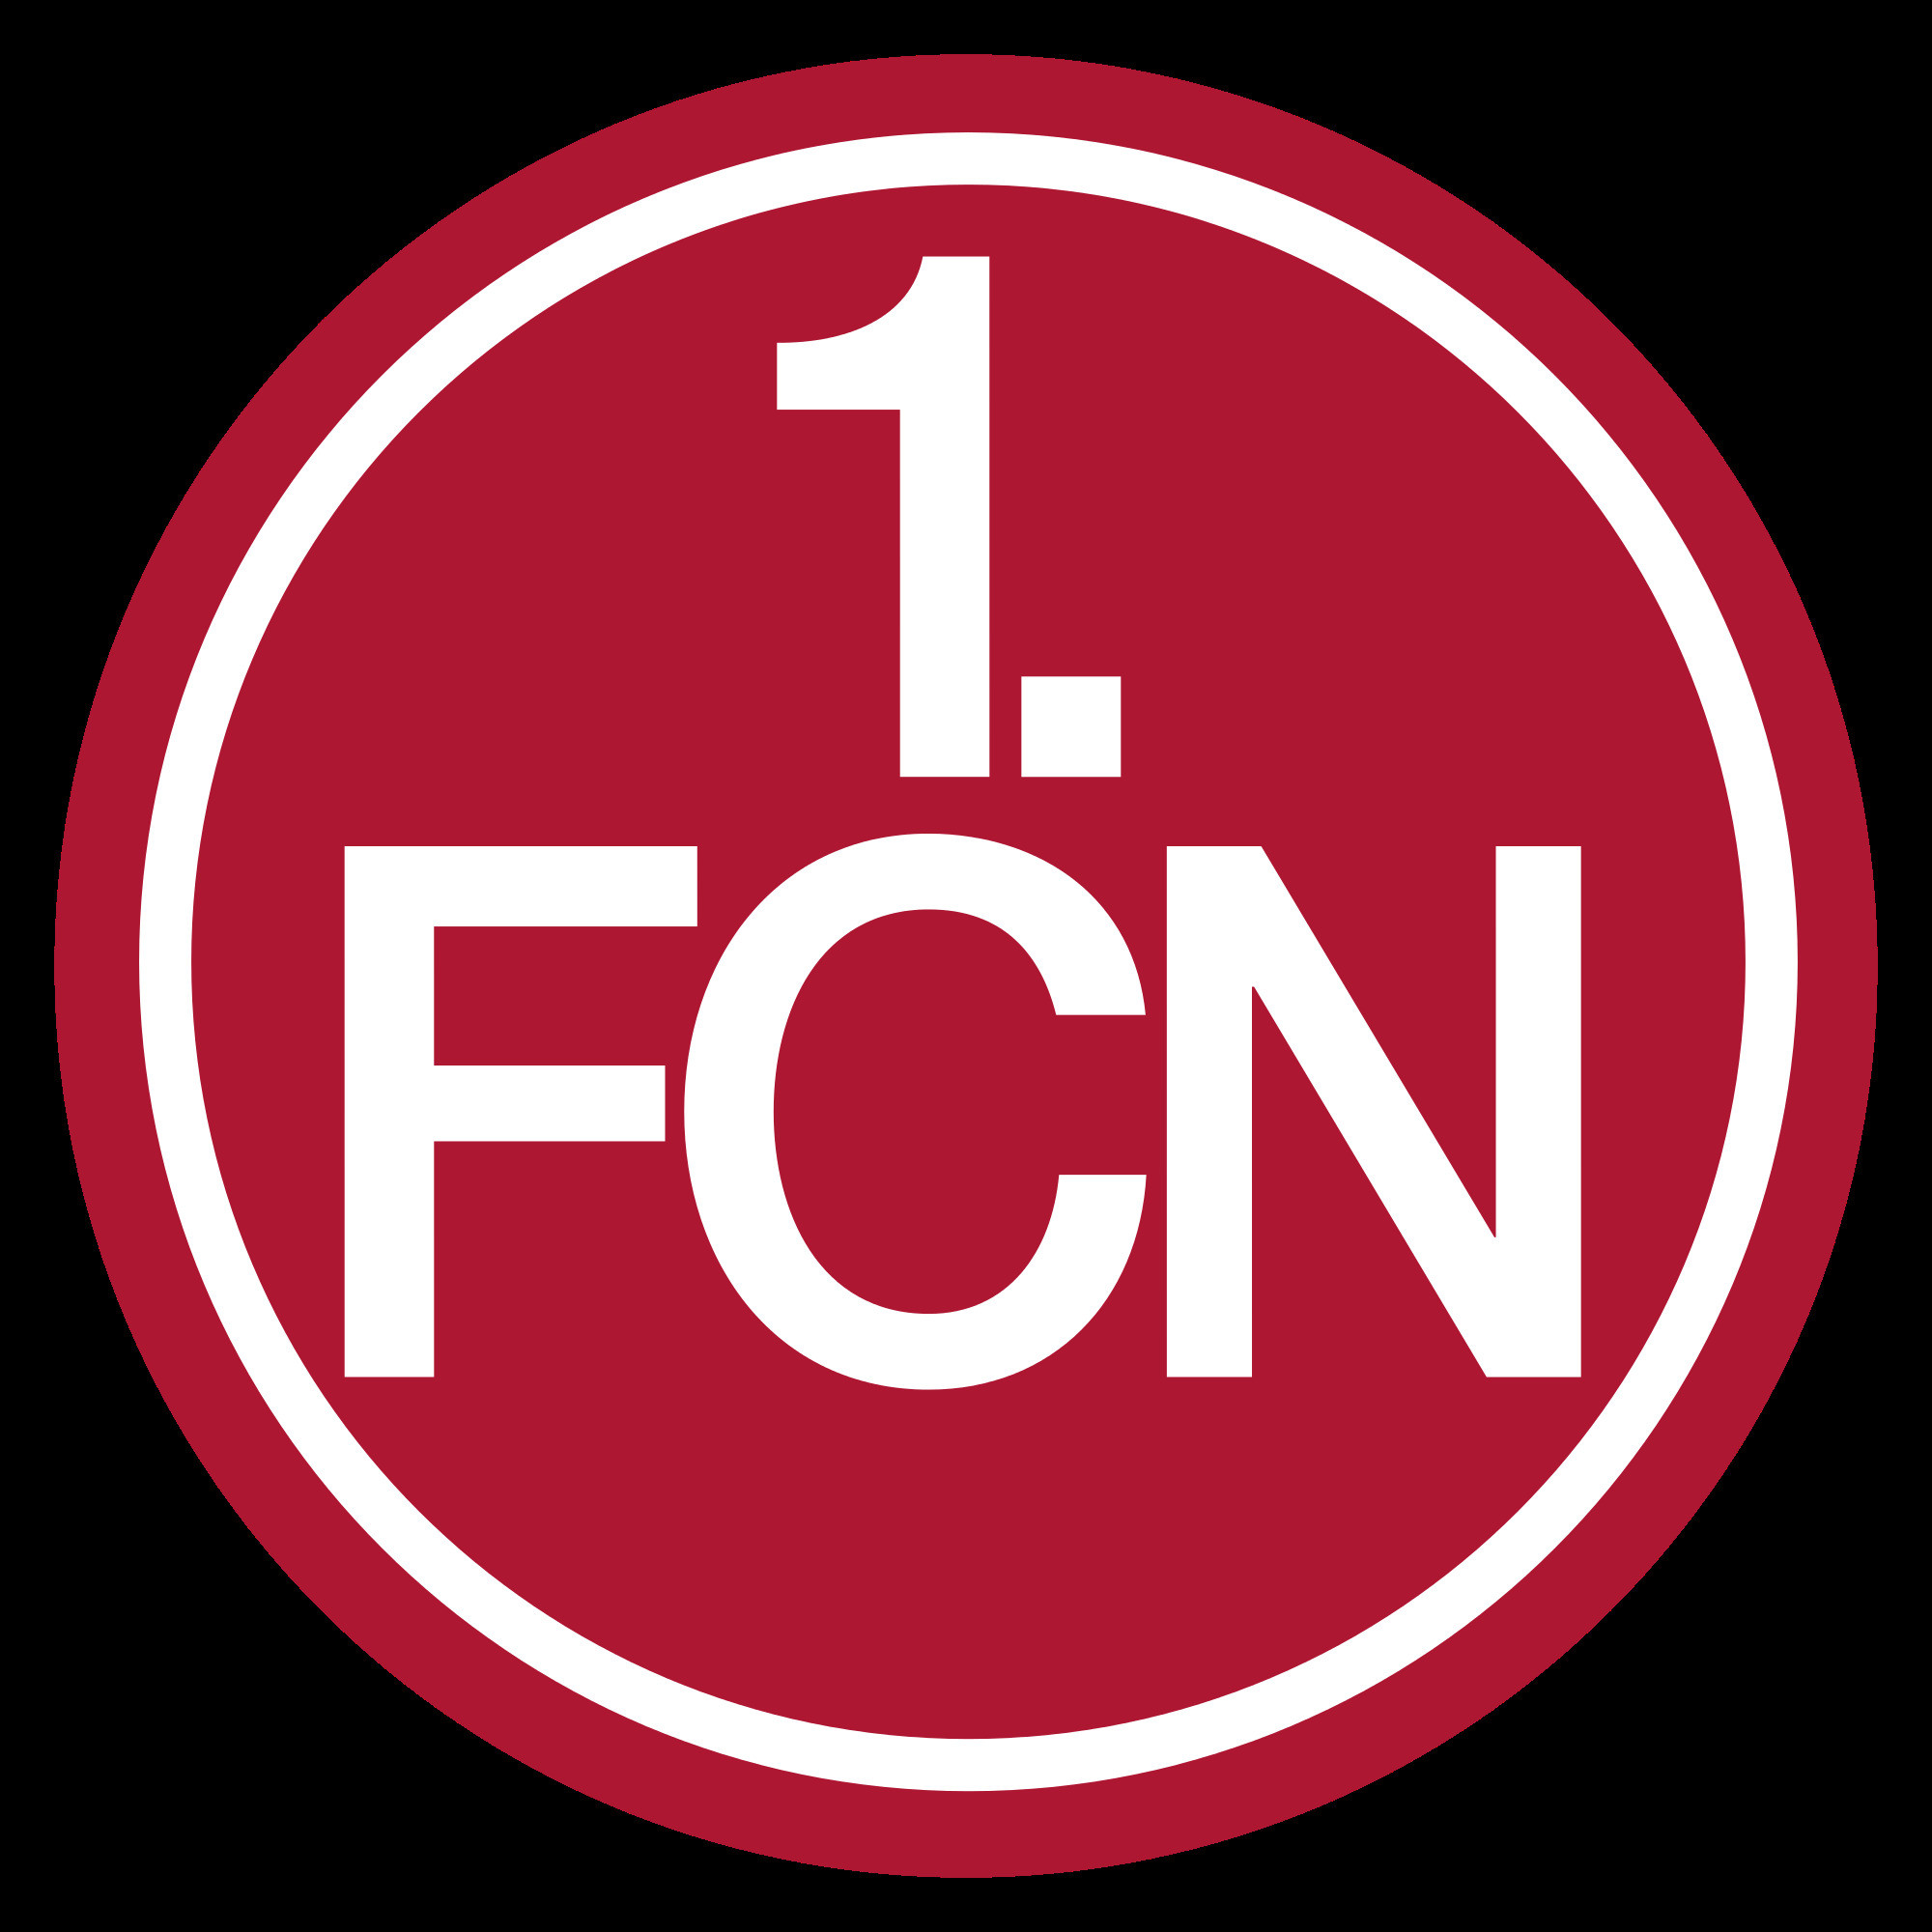 Fc Bayern Logo Zum Ausdrucken Frisch the World S Best S Flaucher and München Flickr Hive Mind Galerie